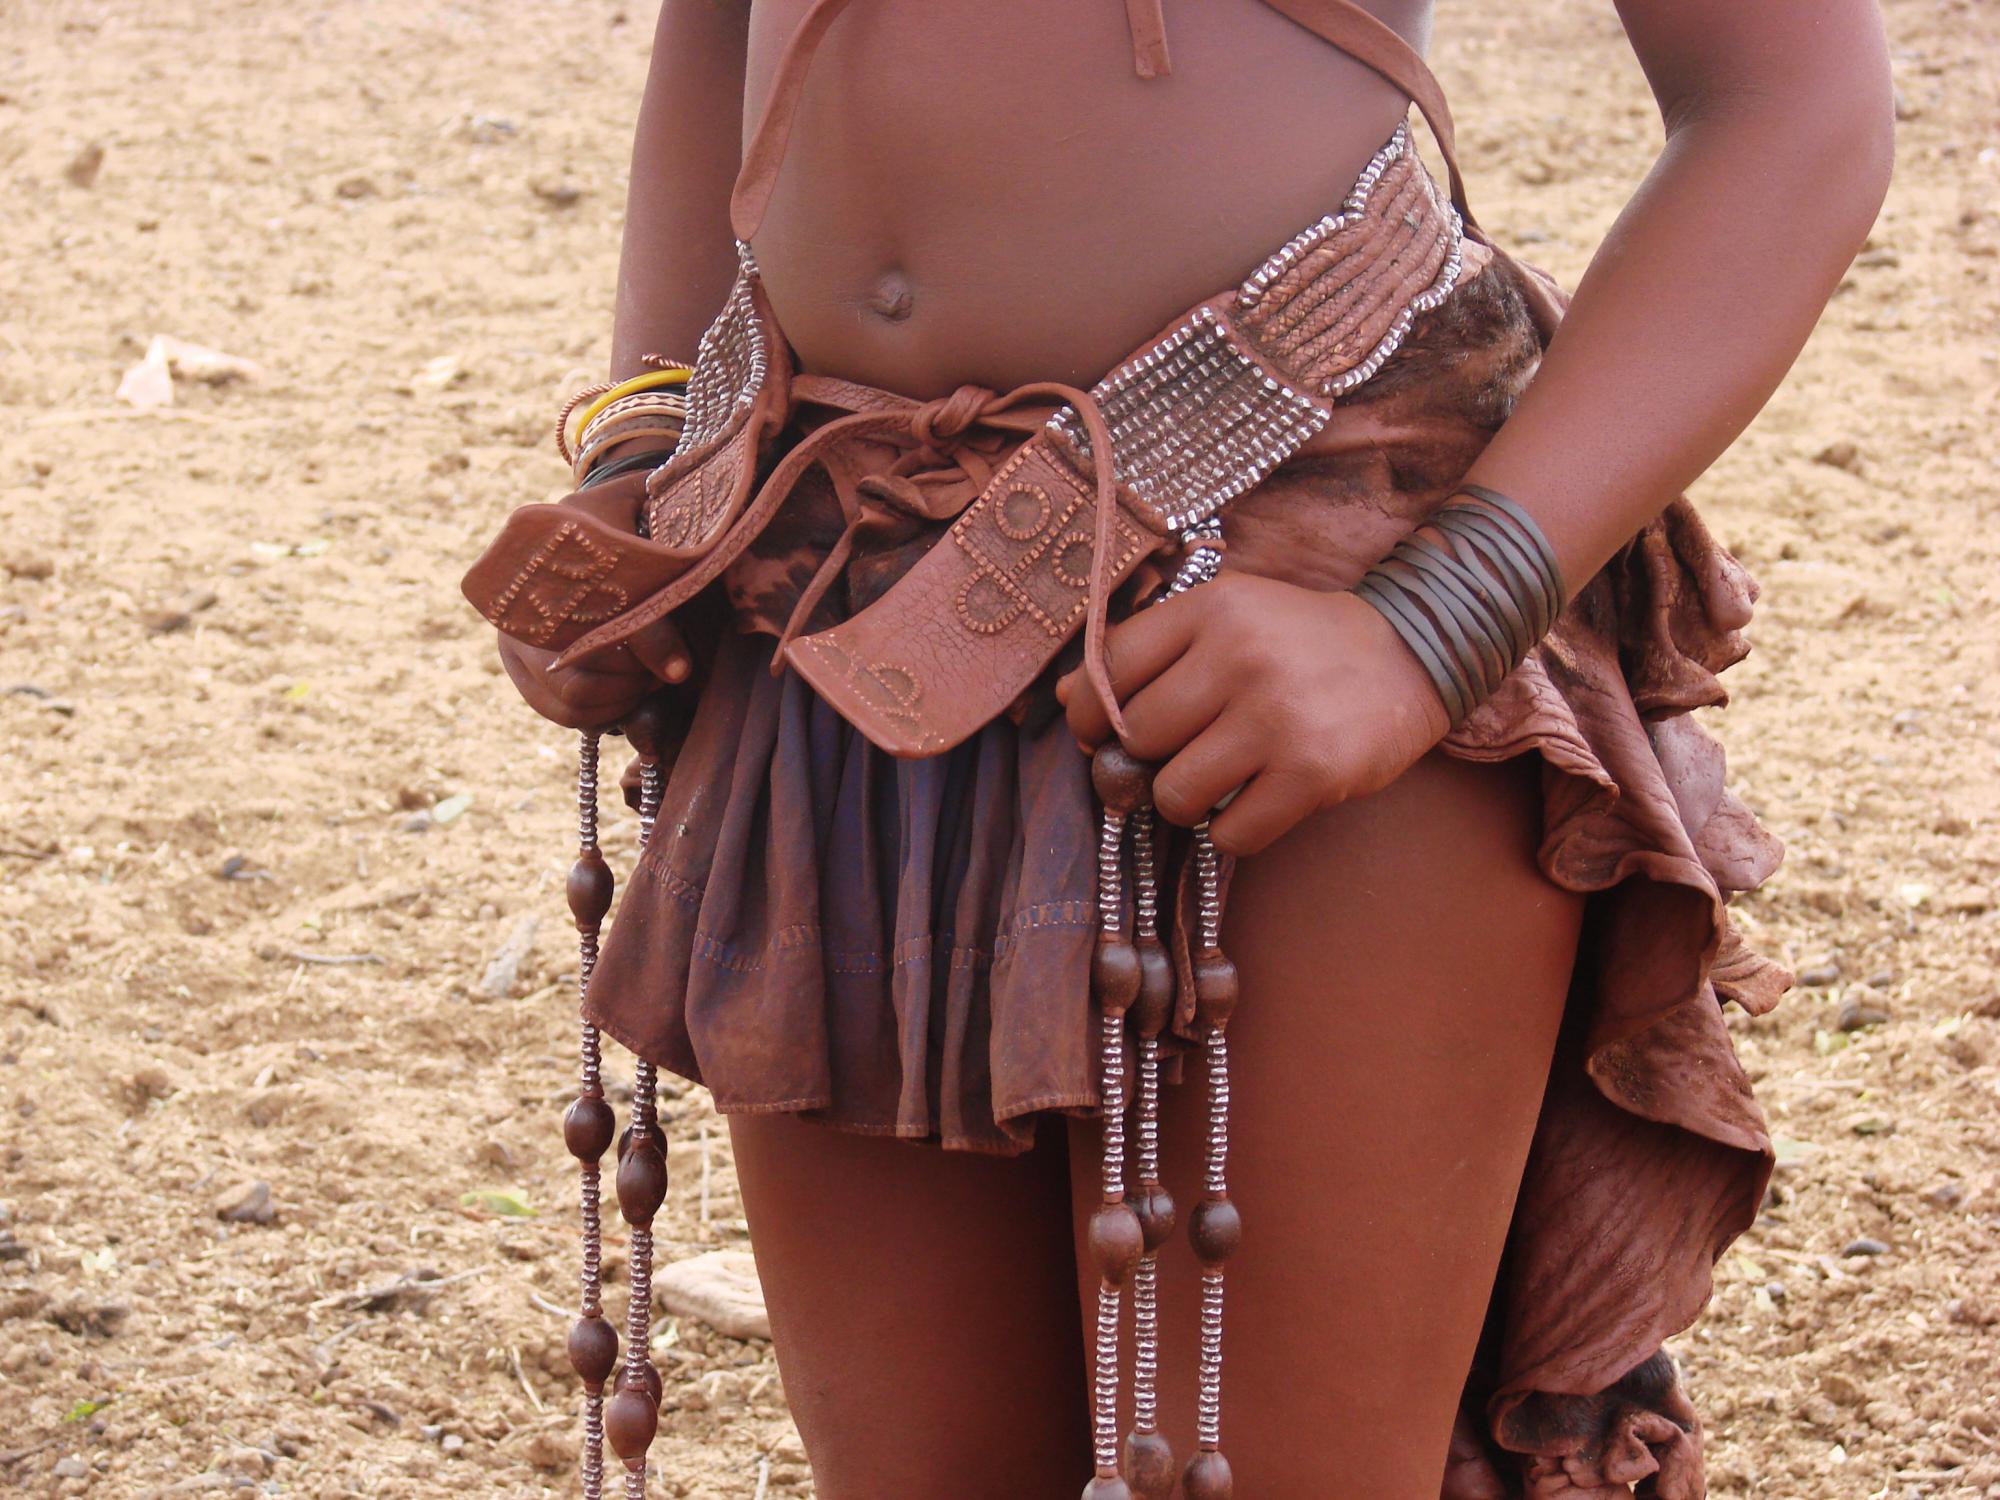 Genitalverstümmelung jo vanel auf Pixabay